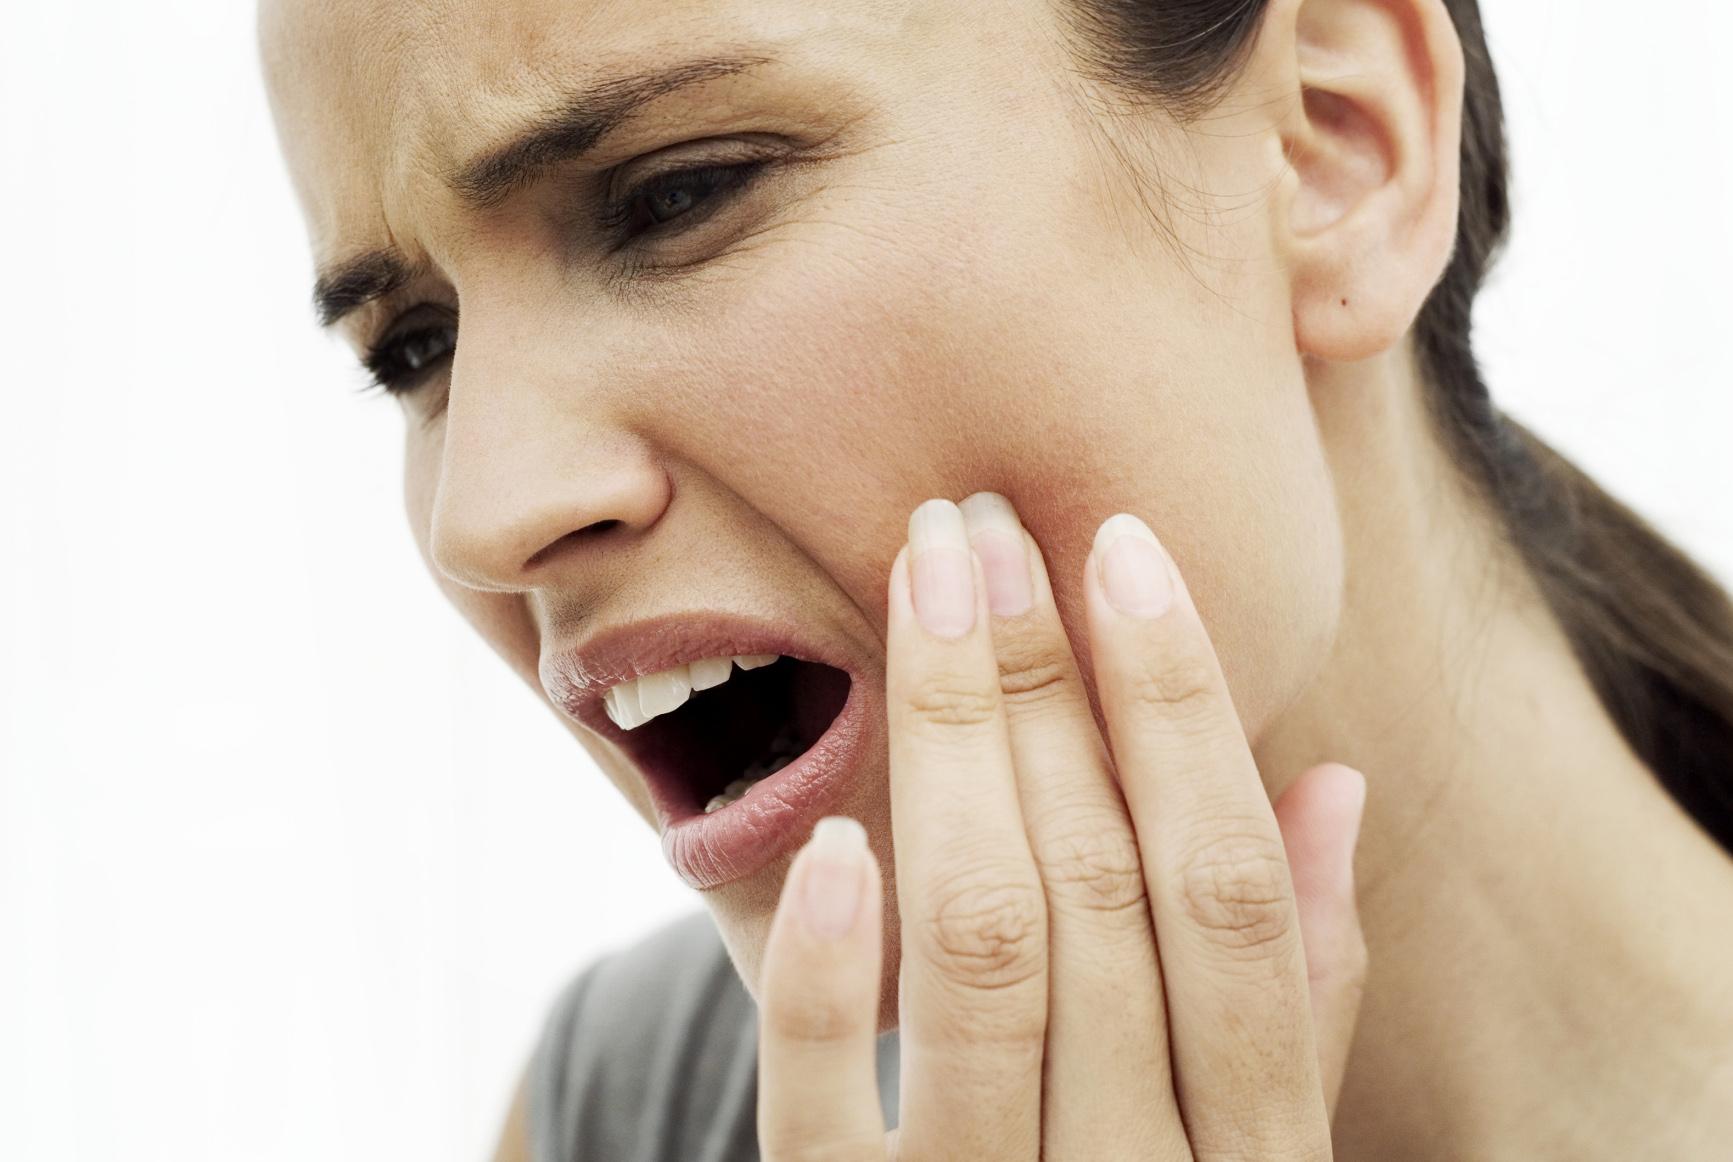 Làm cách nào để hết đau răng sâu khi cấy ghép implant